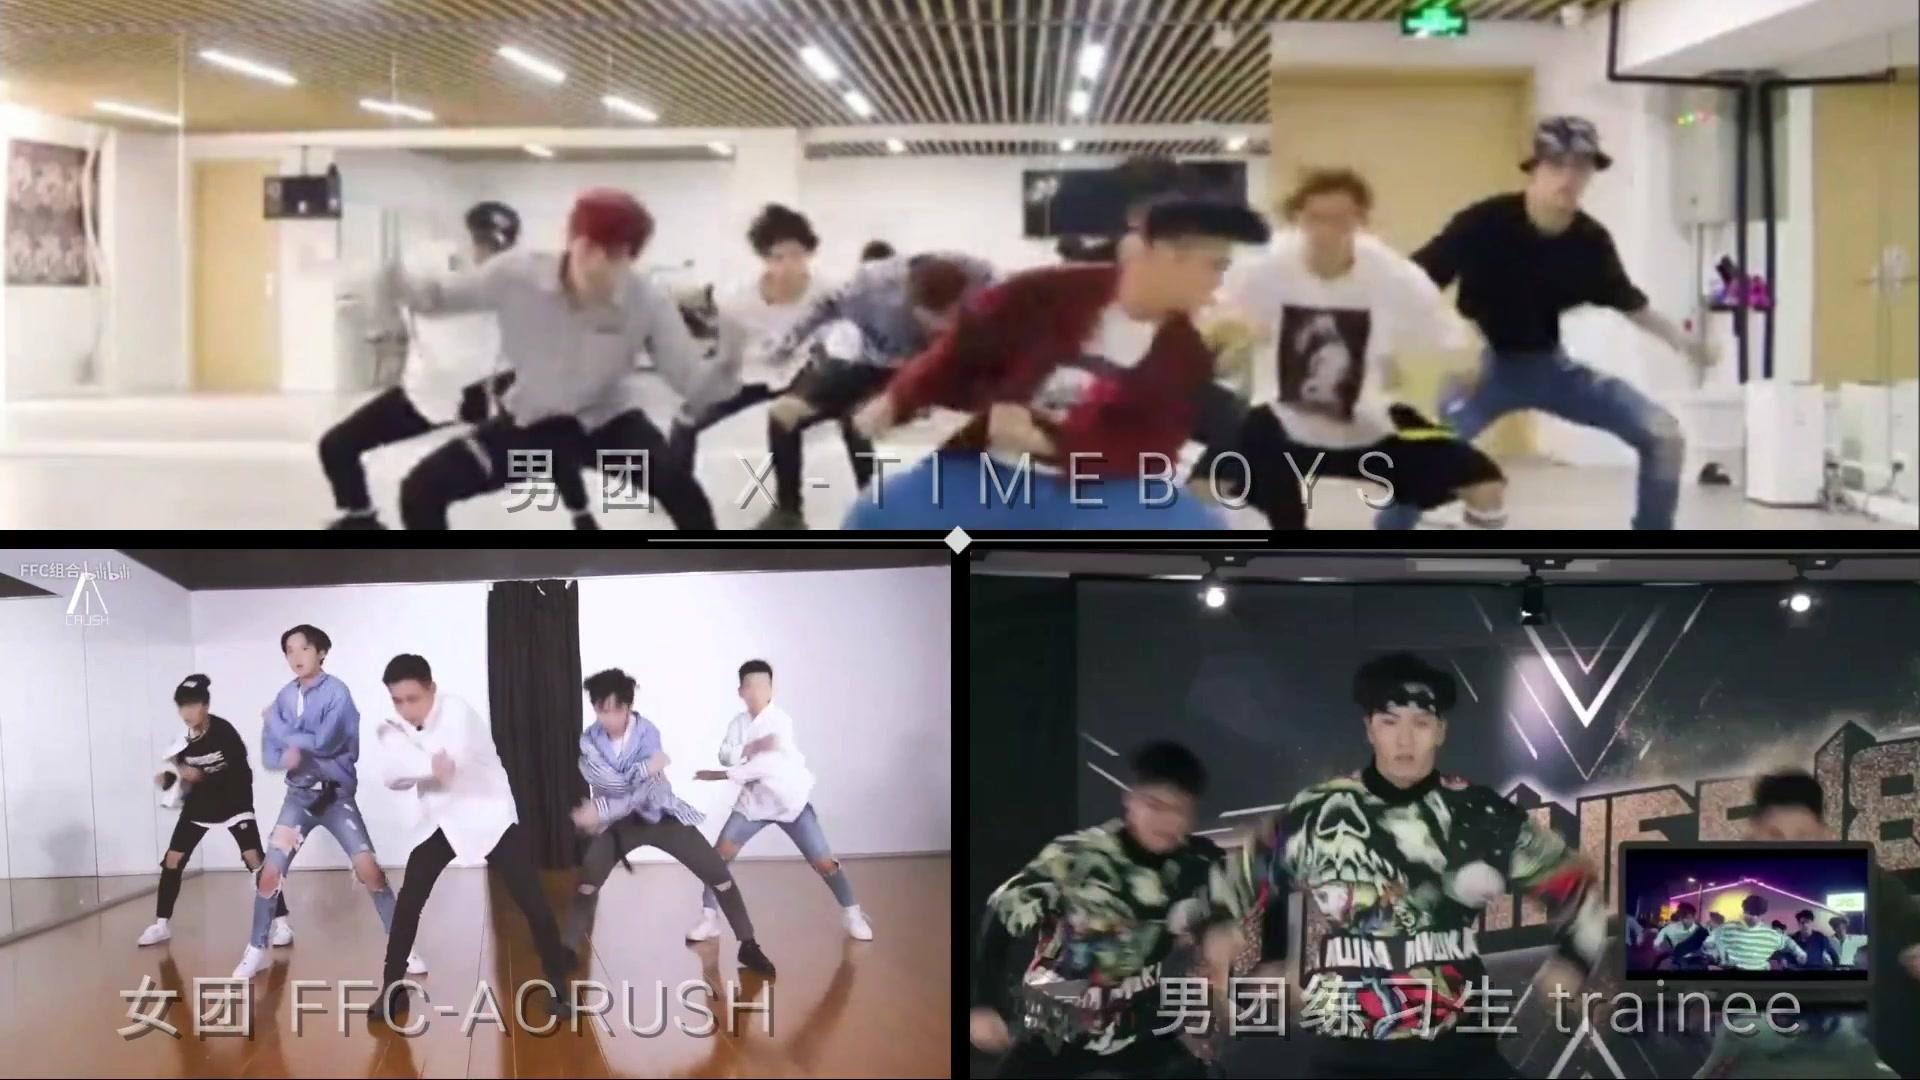 國內組合翻跳韓國大勢男團wannaone的《energetic》。內含《偶像練習生》參賽選手_嗶哩嗶哩 (゜-゜)つロ 干杯~-bilibili